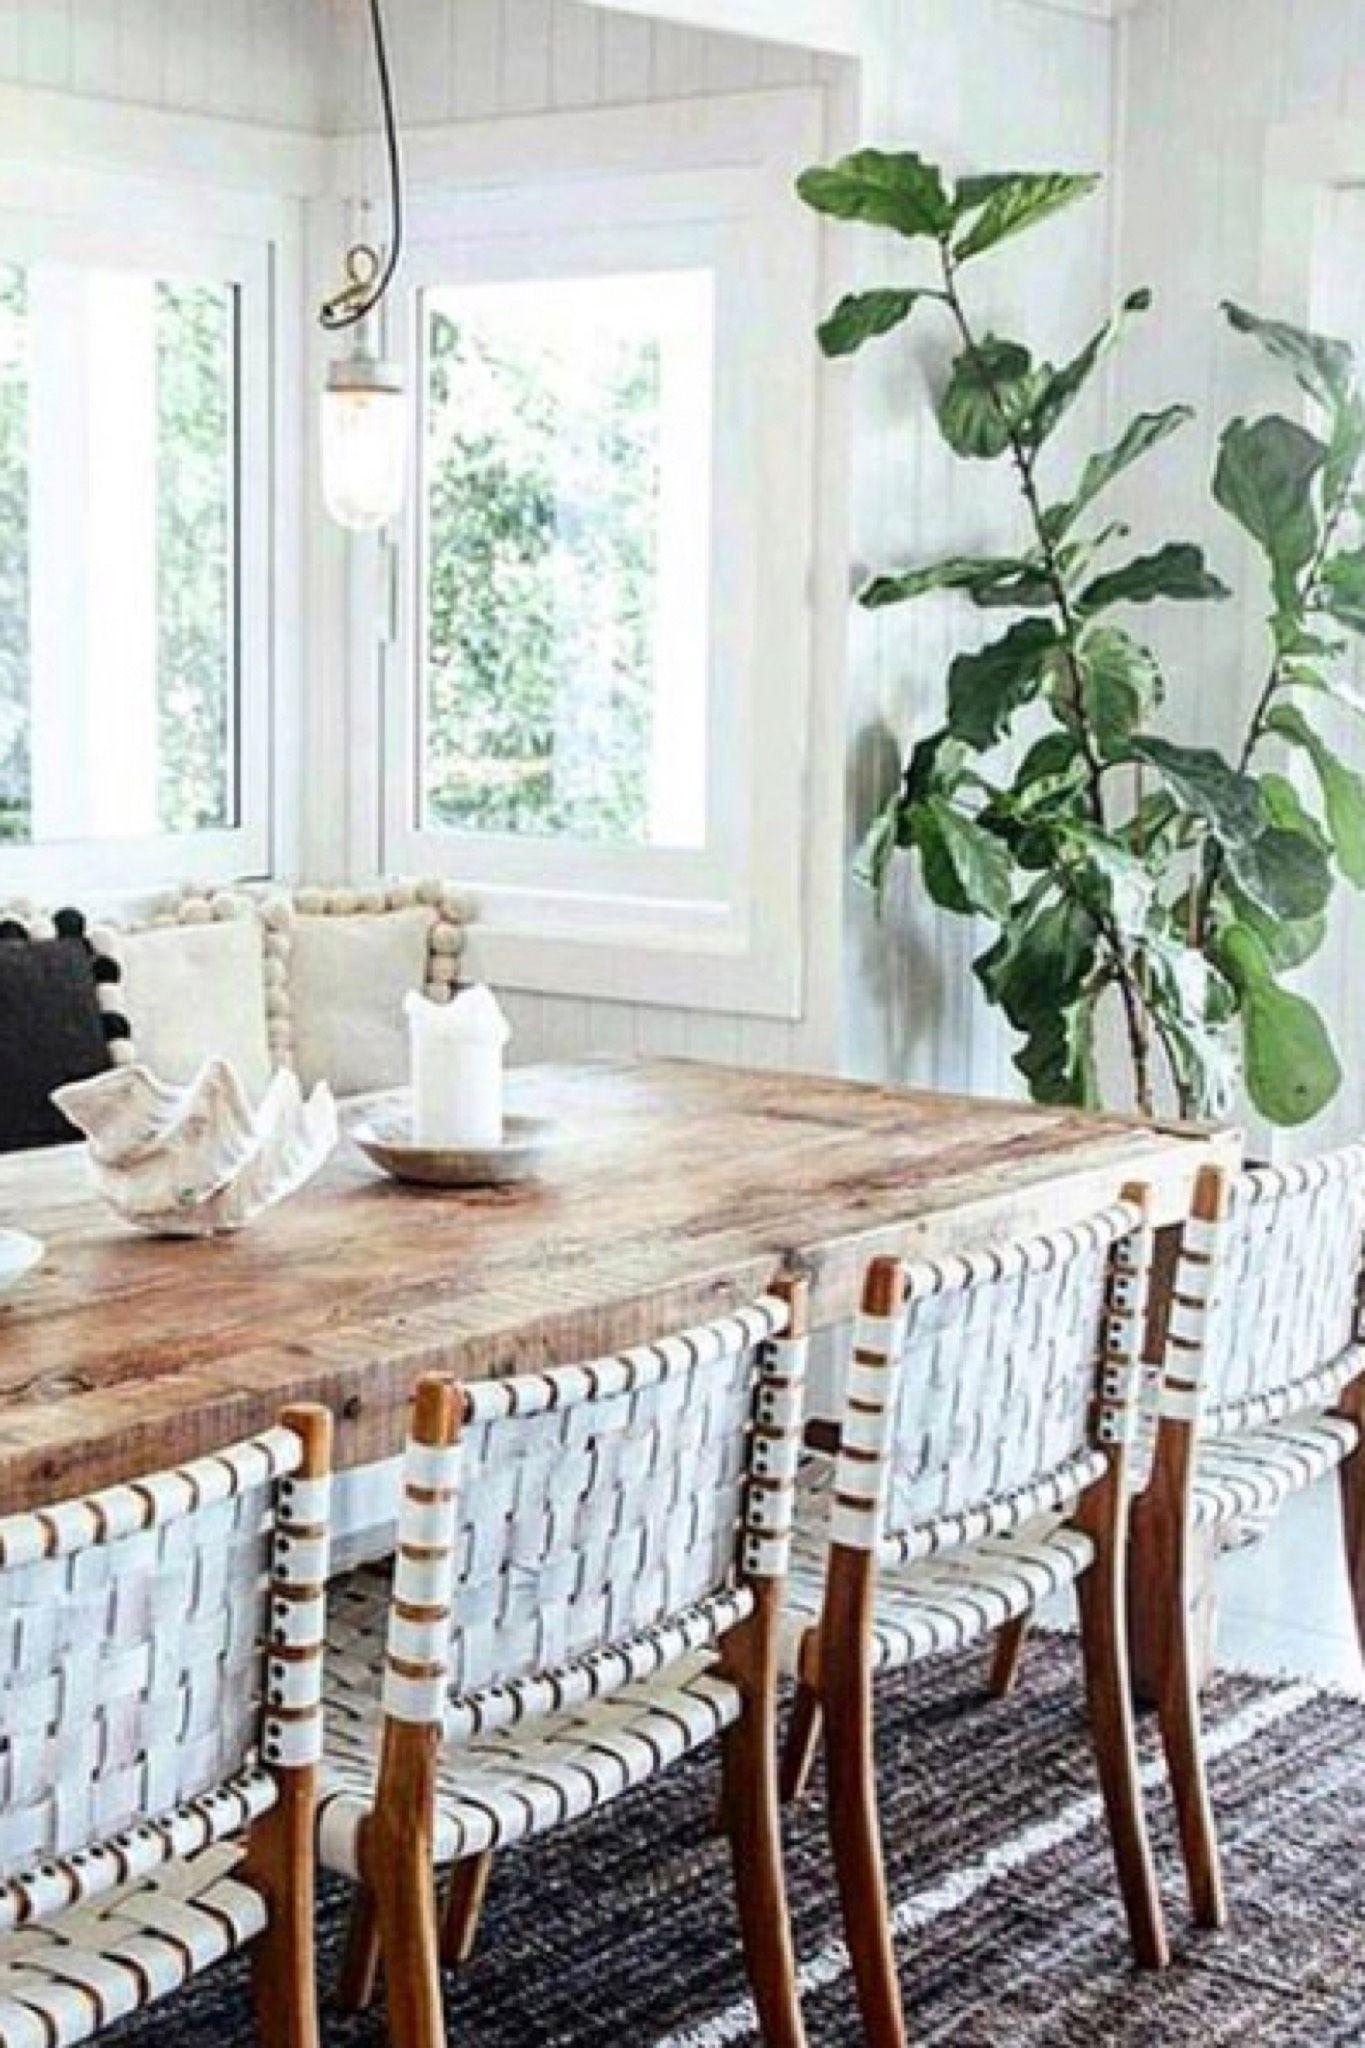 Explore Decor With Ania Dining Room Inspiration Dining Room Design Home Decor